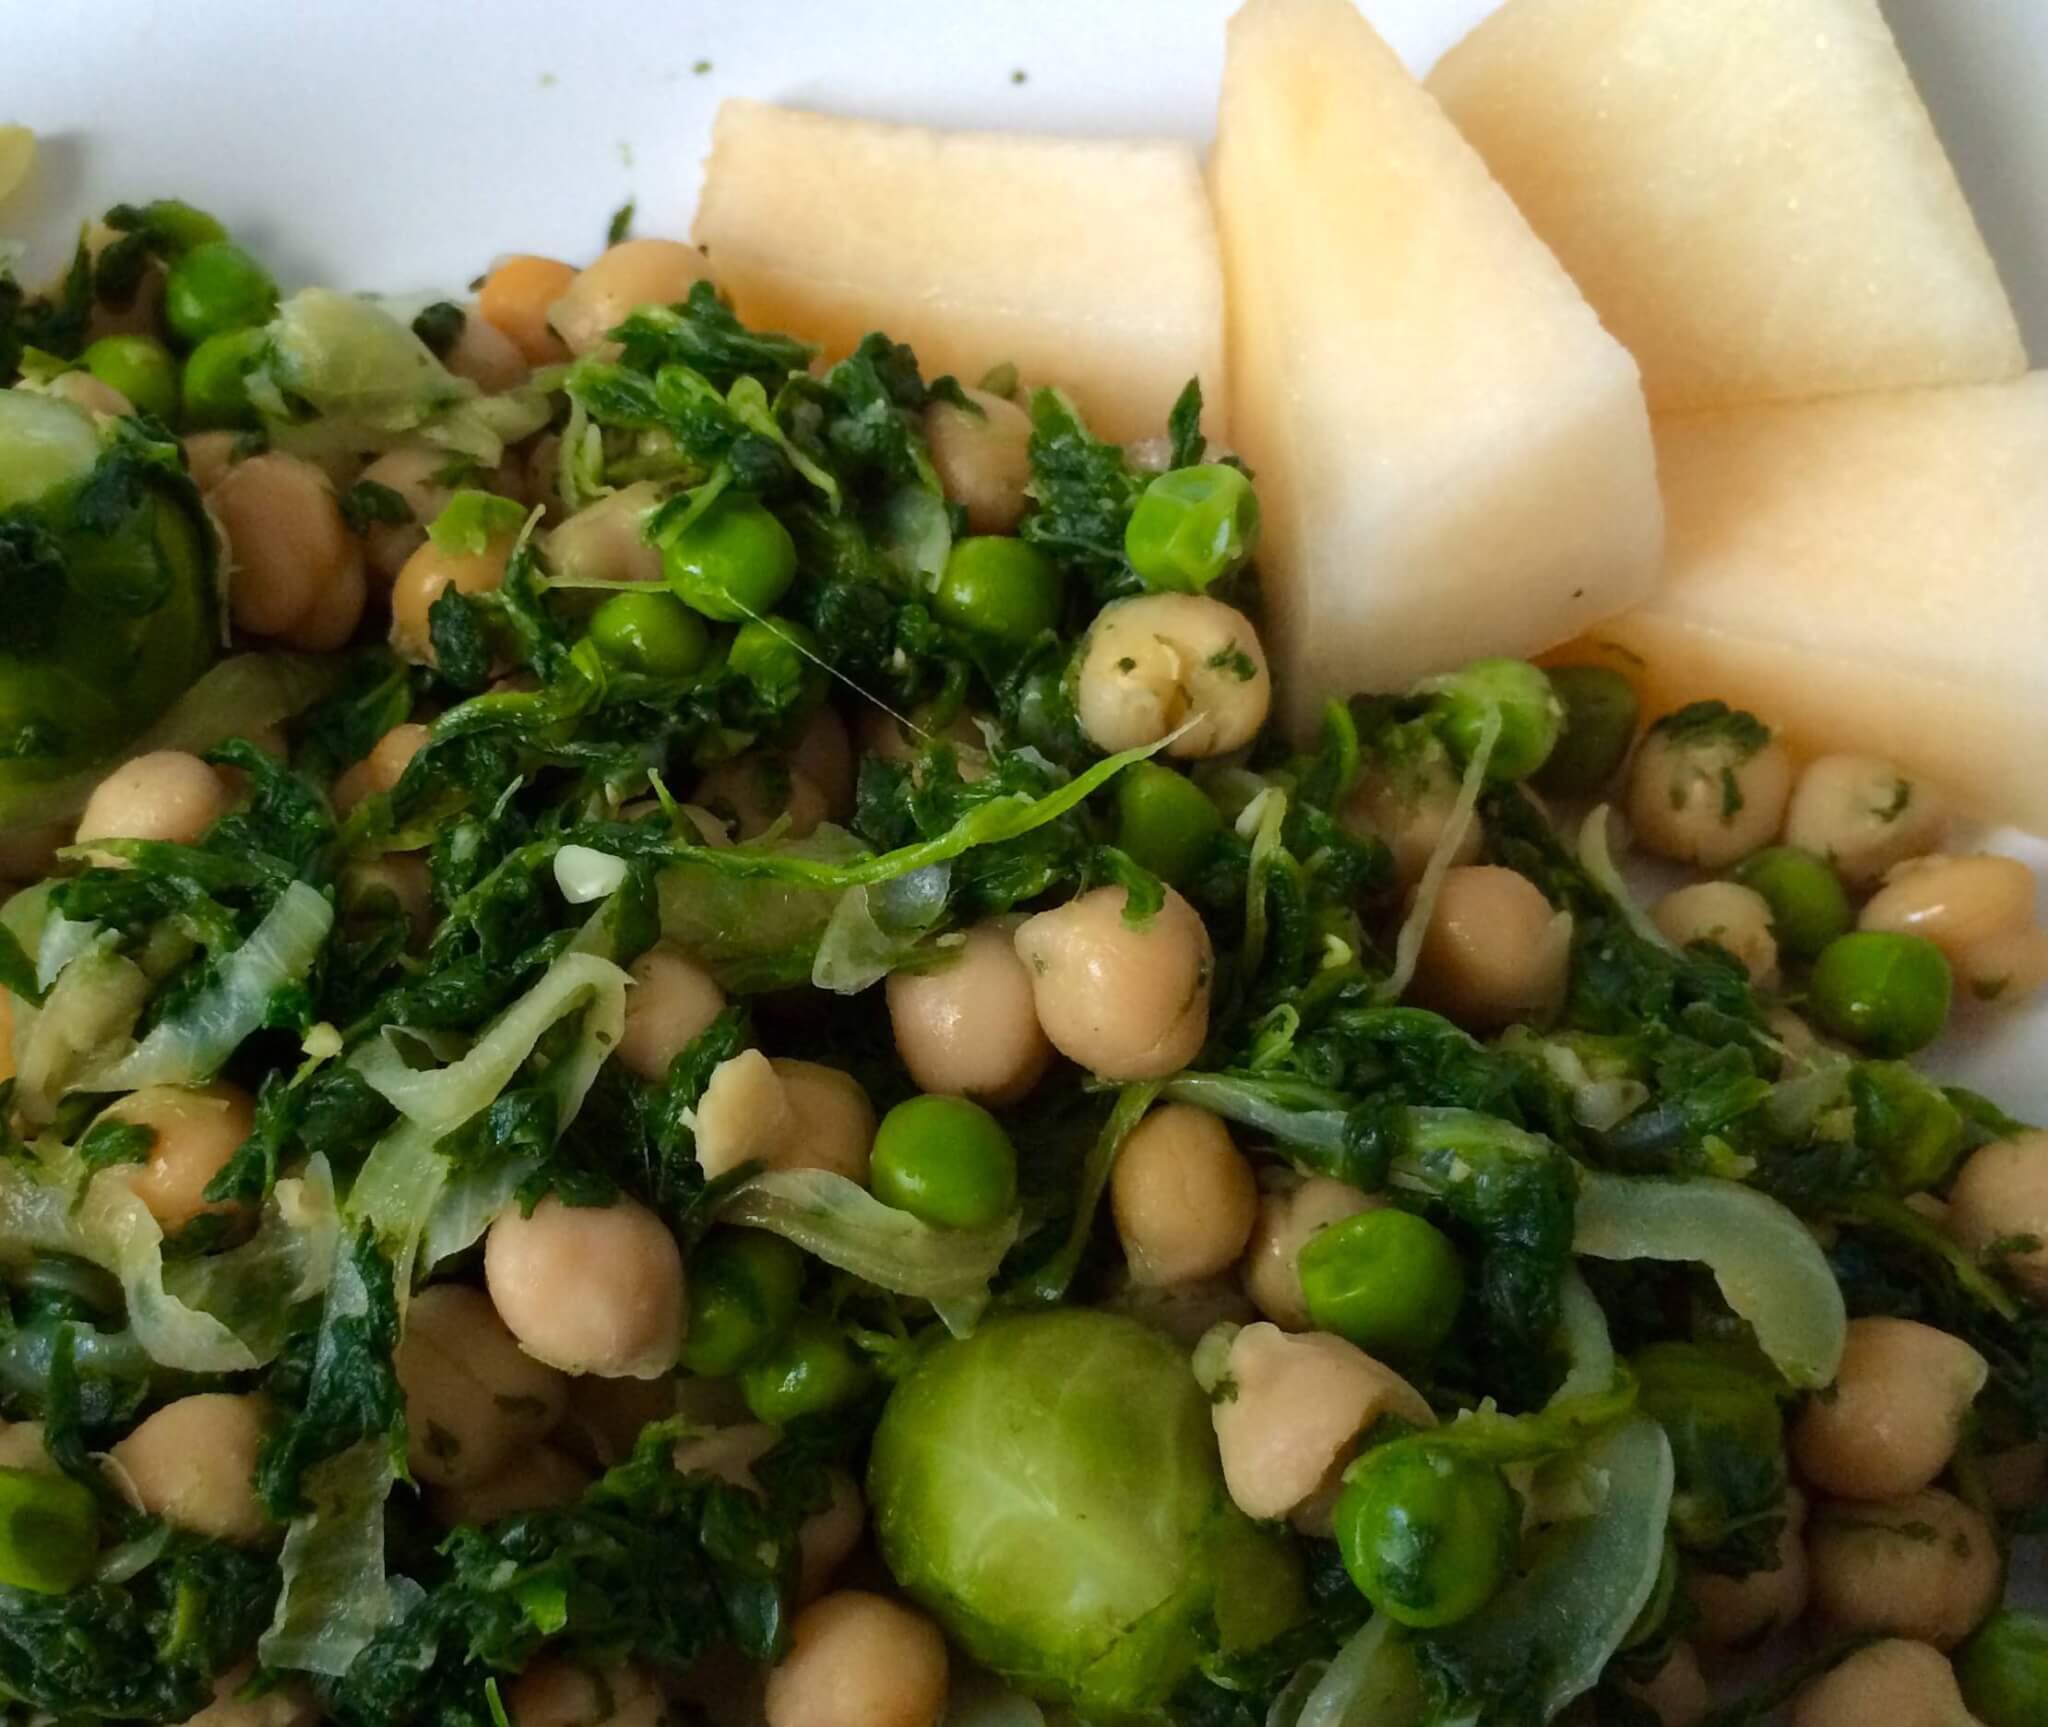 Grãos com espinafres, couve de bruxelas, cebola, ervilhas e melão